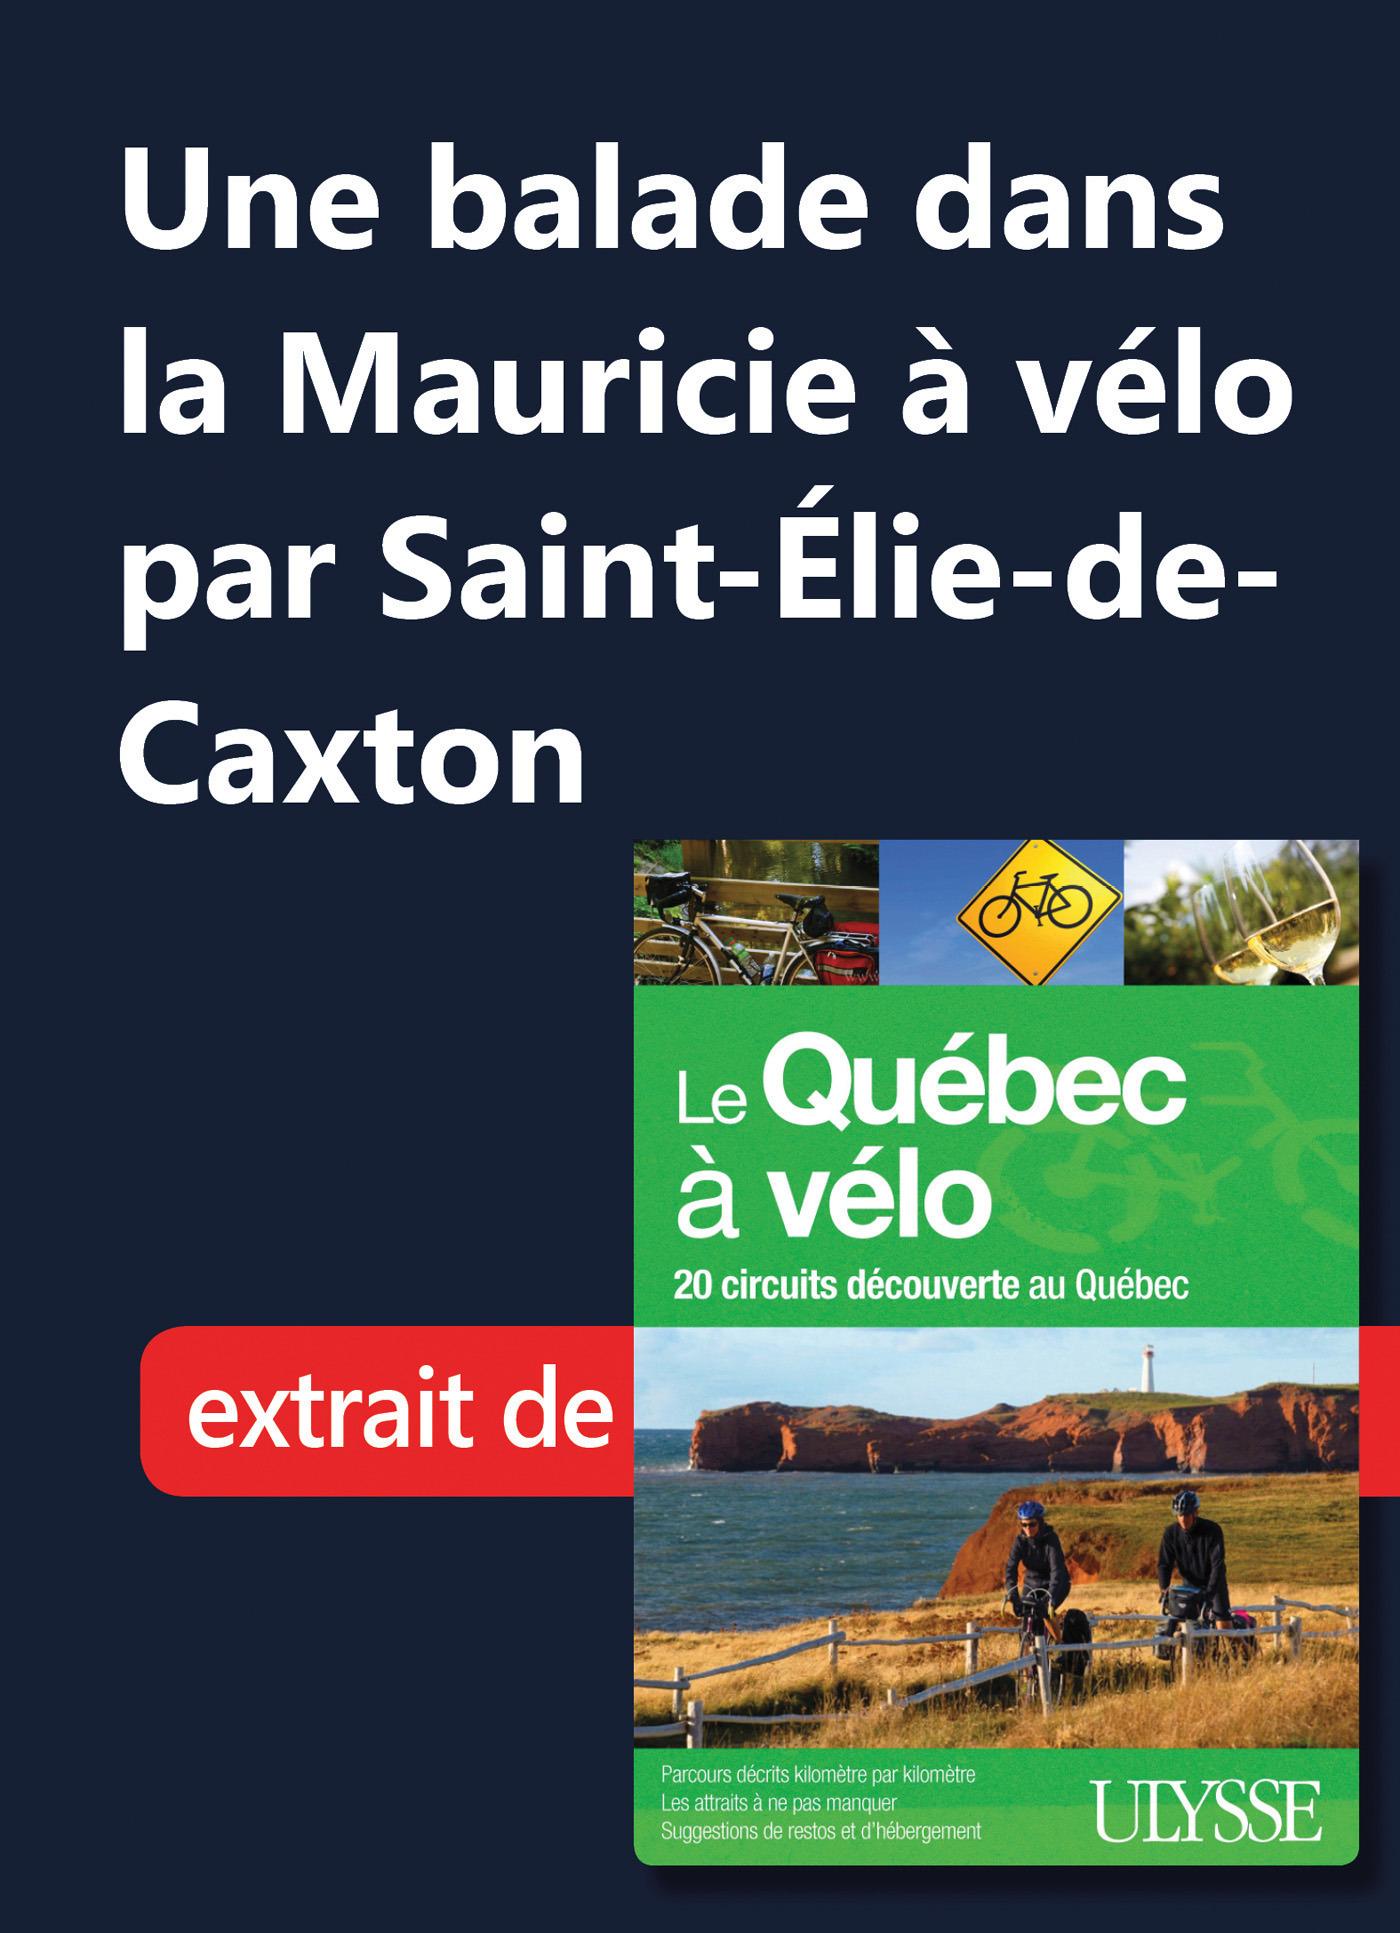 Une balade à vélo dans la Mauricie par Saint-Elie-de-Caxton